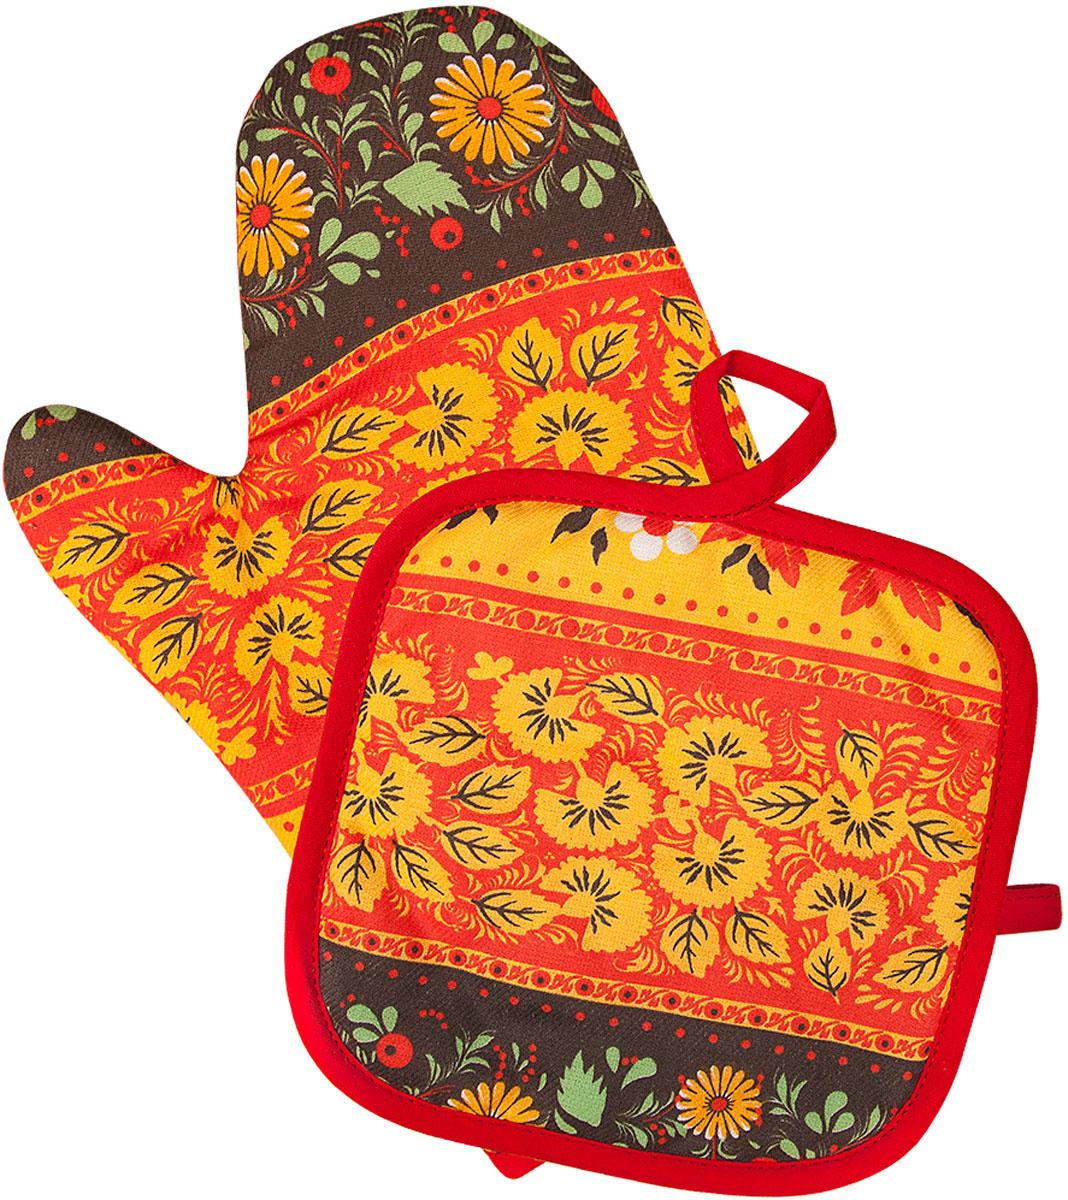 Набор прихваток Bonita Славянка, 2 предметаVT-1520(SR)Набор Bonita Славянка состоит из прихватки-рукавицы и квадратной прихватки. Изделия выполнены из натурального хлопка и декорированы оригинальным рисунком. Прихватки простеганы, а края окантованы. Оснащены специальными петельками, за которые их можно подвесить на крючок в любом удобном для вас месте. Такой набор красиво дополнит интерьер кухни.